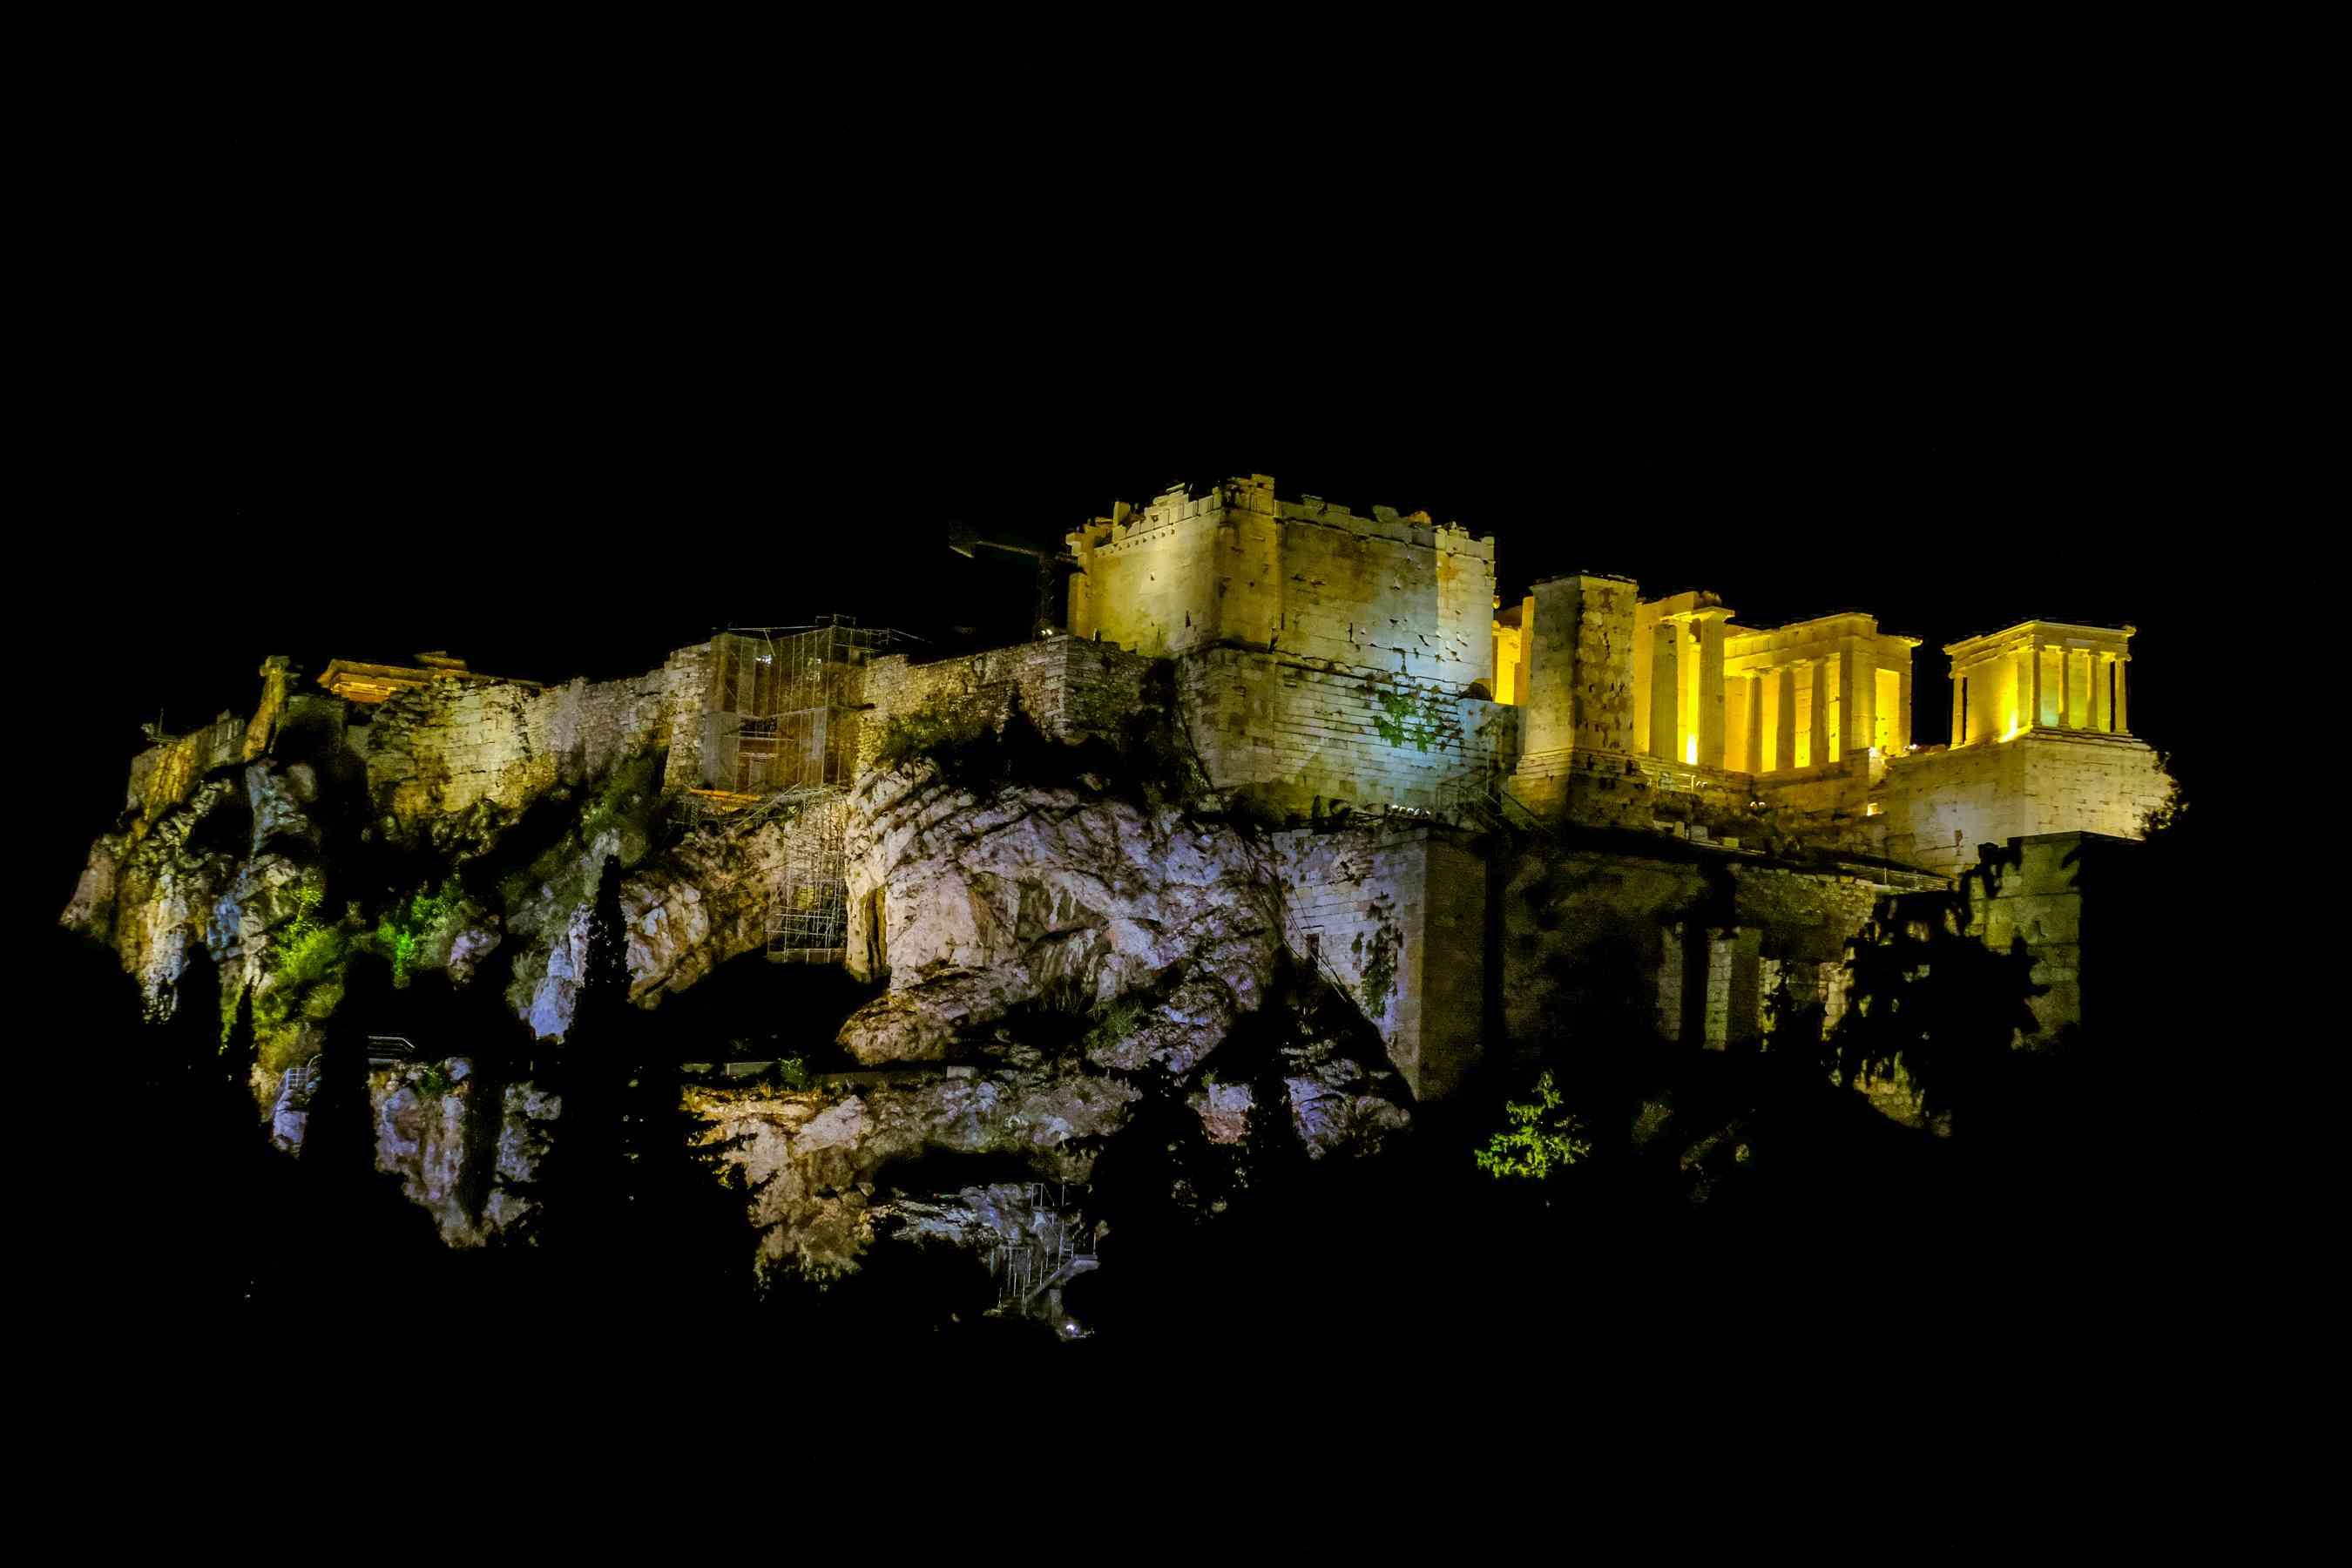 La acrópolis iluminada por la noche